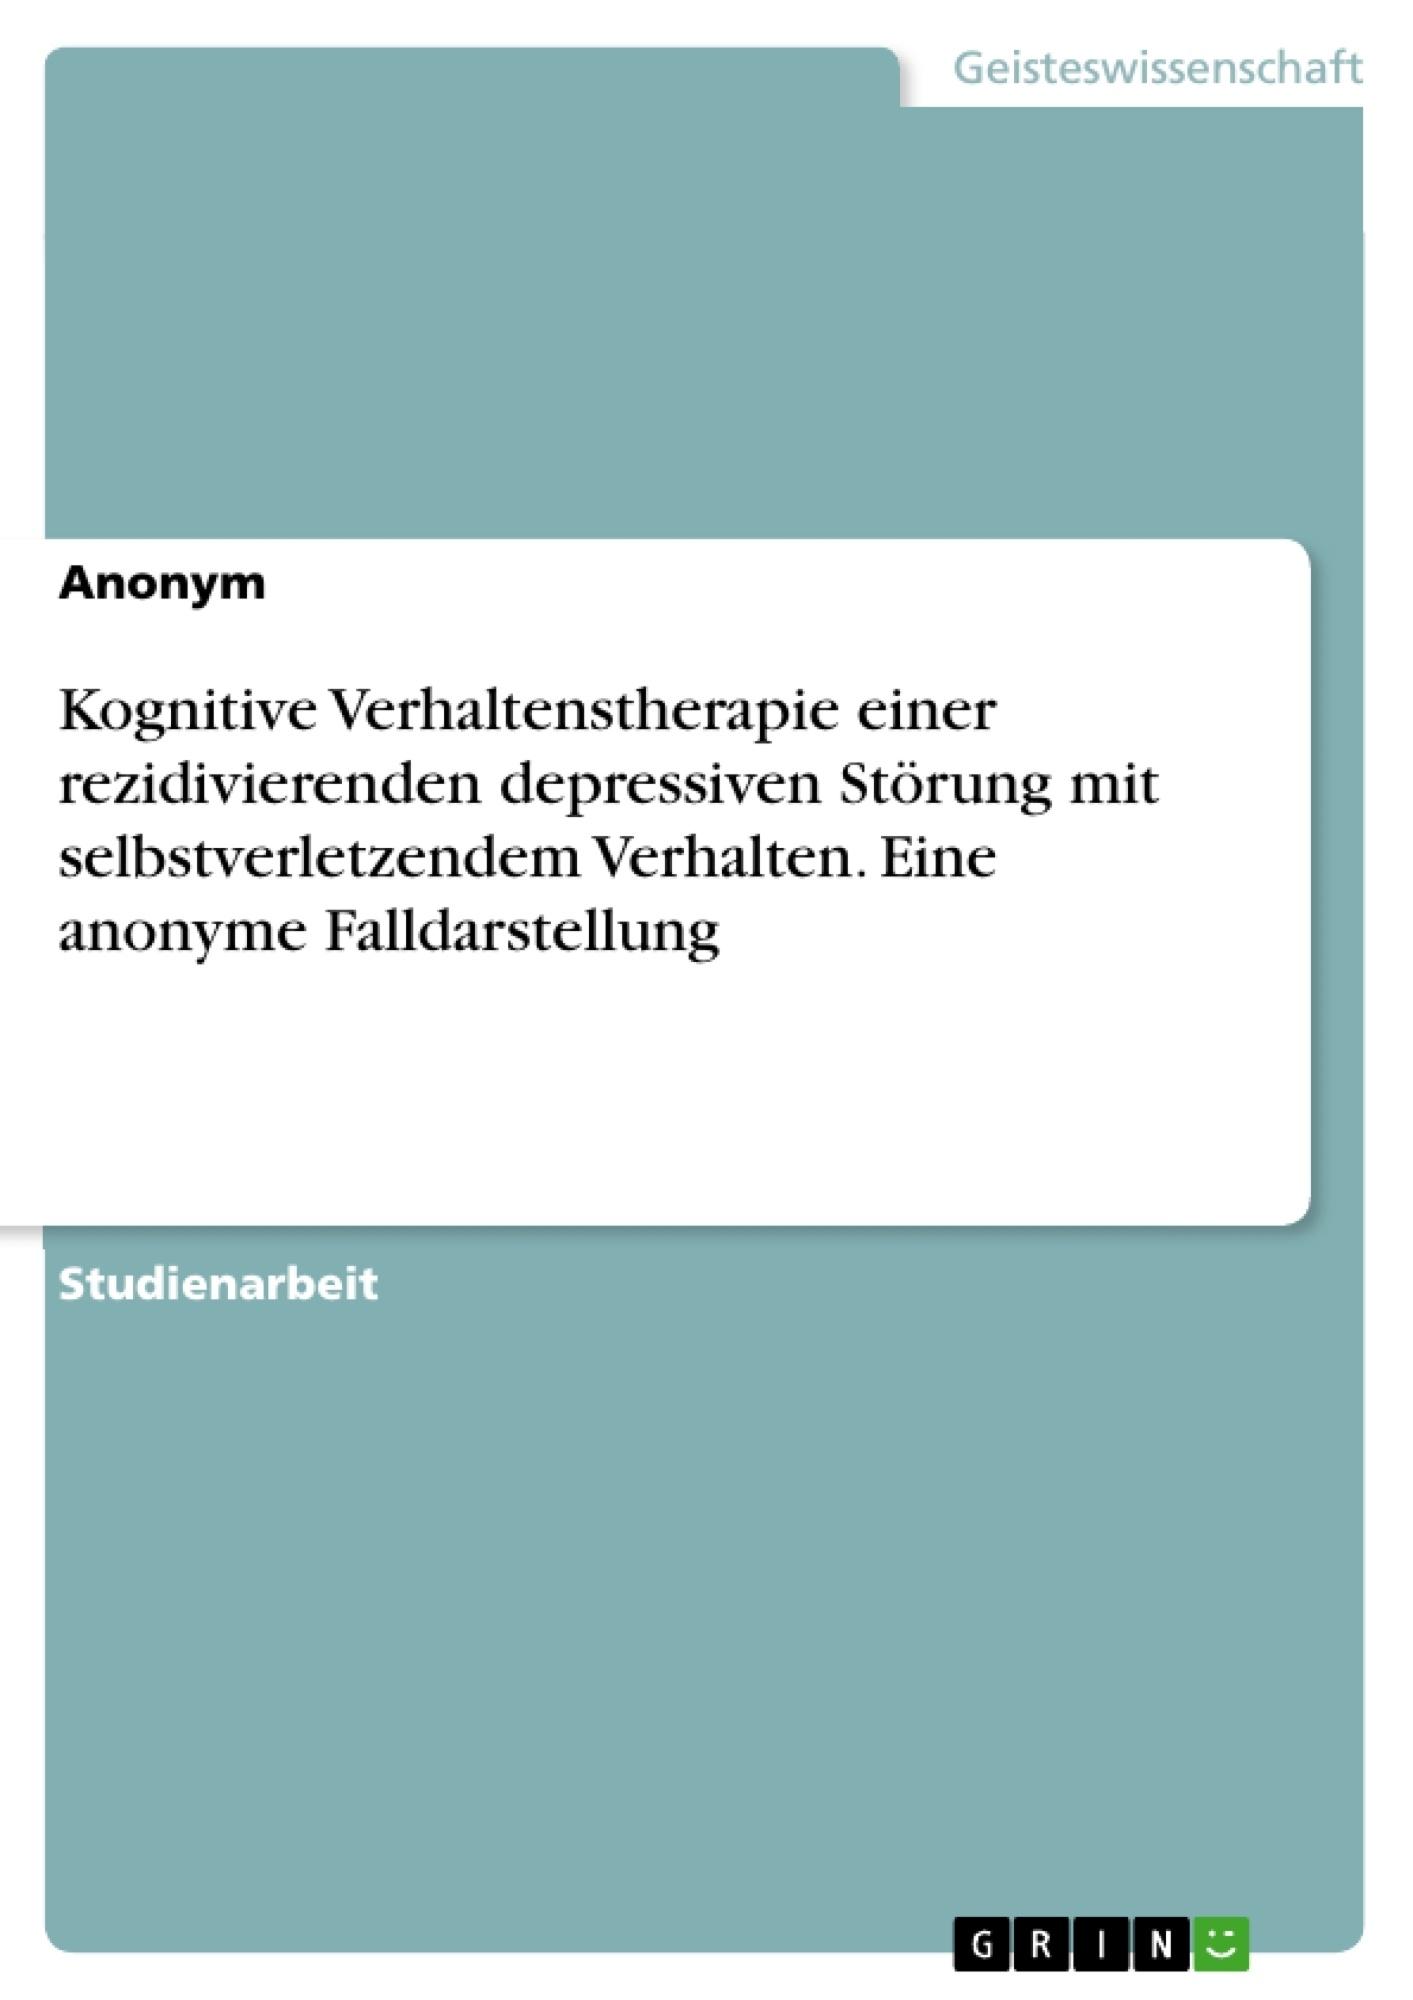 Titel: Kognitive Verhaltenstherapie einer rezidivierenden depressiven Störung mit selbstverletzendem Verhalten. Eine anonyme Falldarstellung